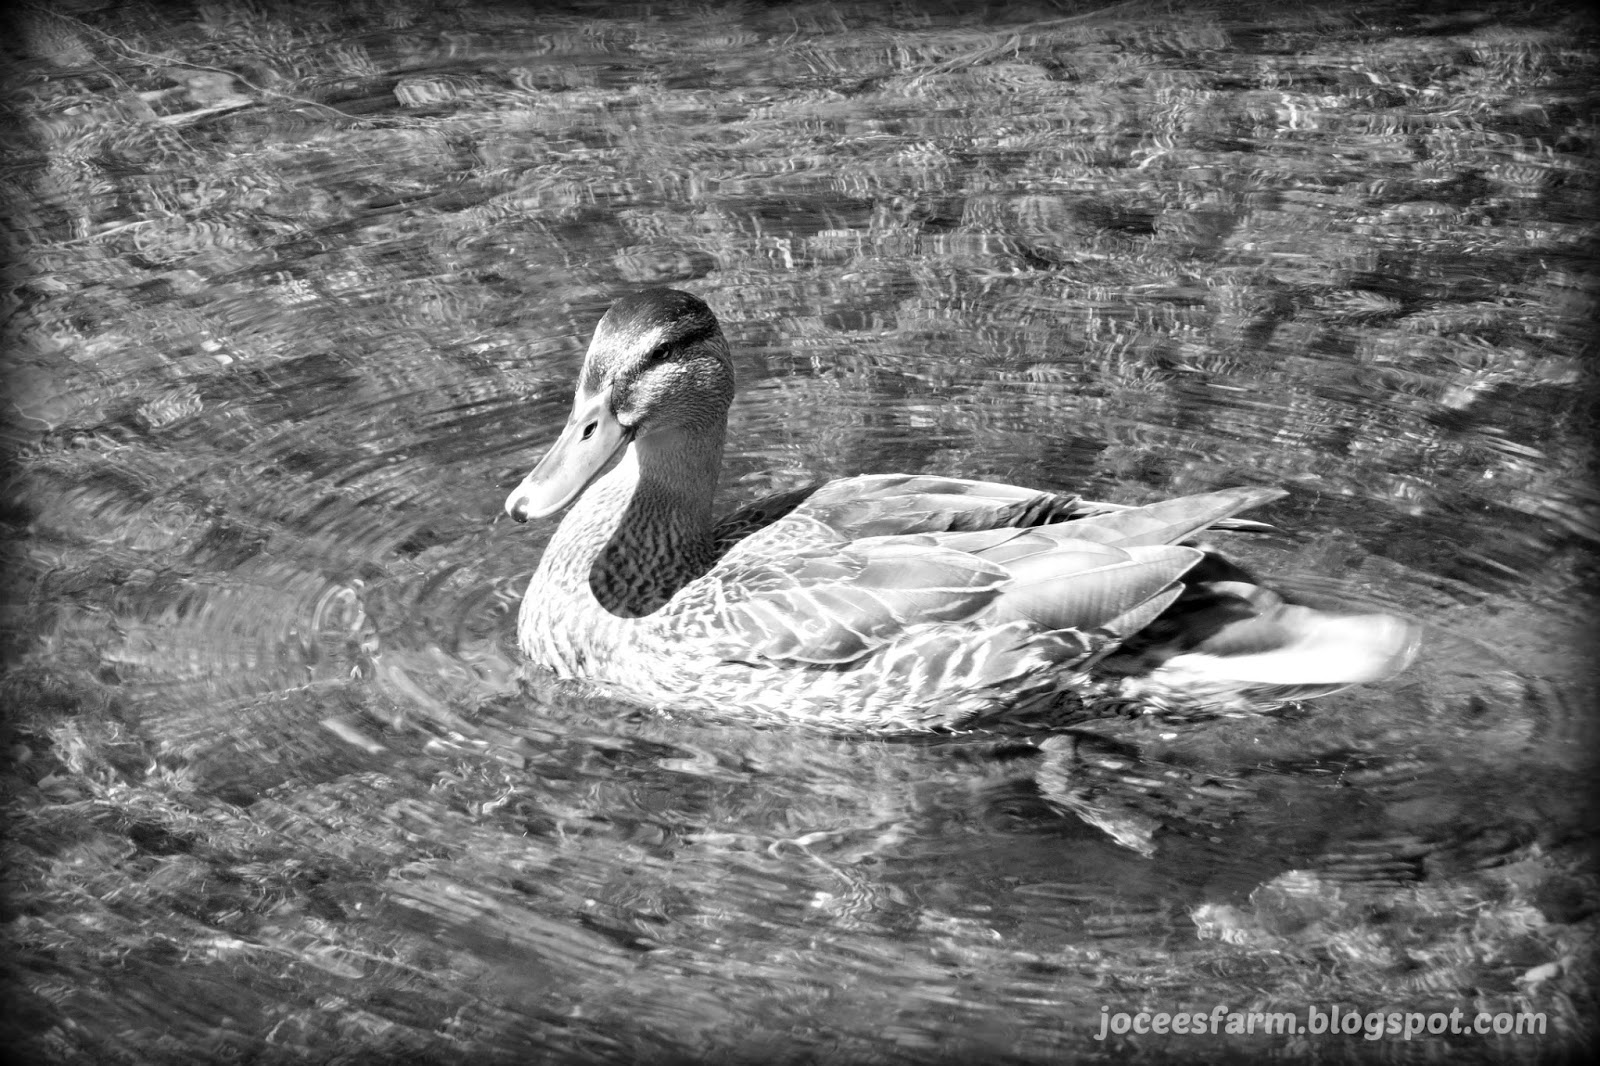 Ducks @  joceesfarm.blogspot.com